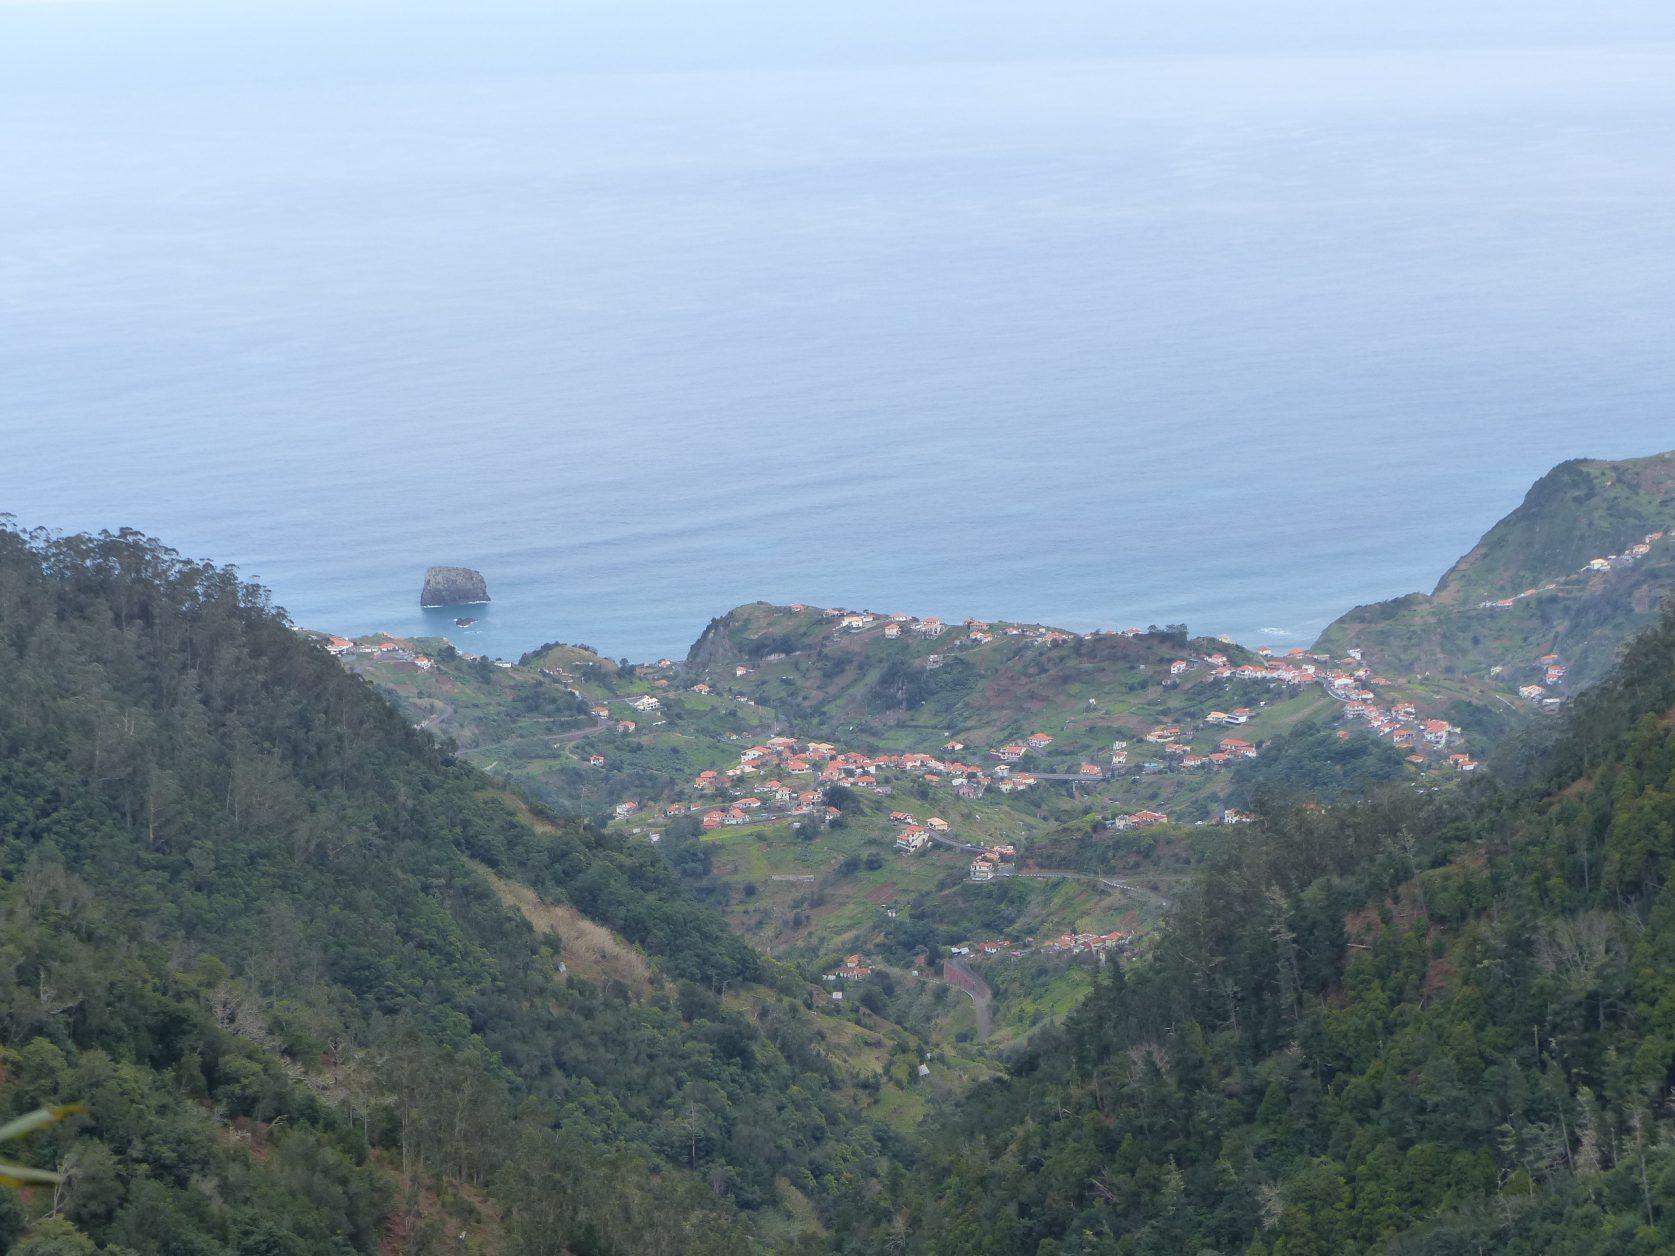 Bei einer Levada-Wanderung hat man phantastische Ausblicke über die Insel, bis zur Küste, foto: D.Weirauch